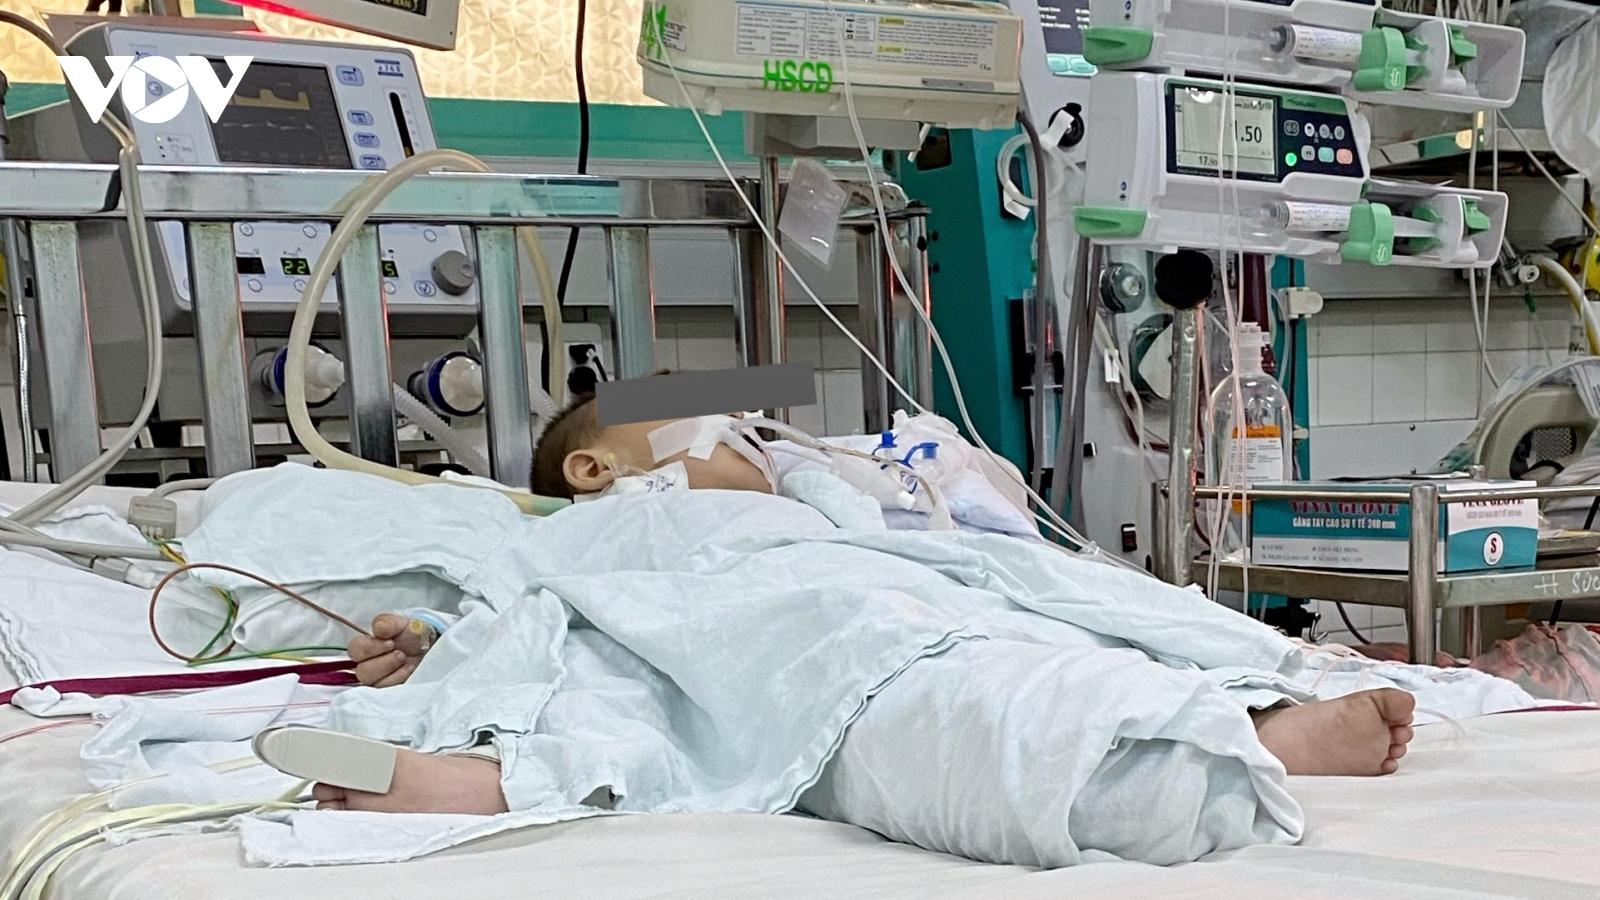 Uống nhầm dầu thắp đèn, bé 13 tháng tuổi nhiễm trùng phổi